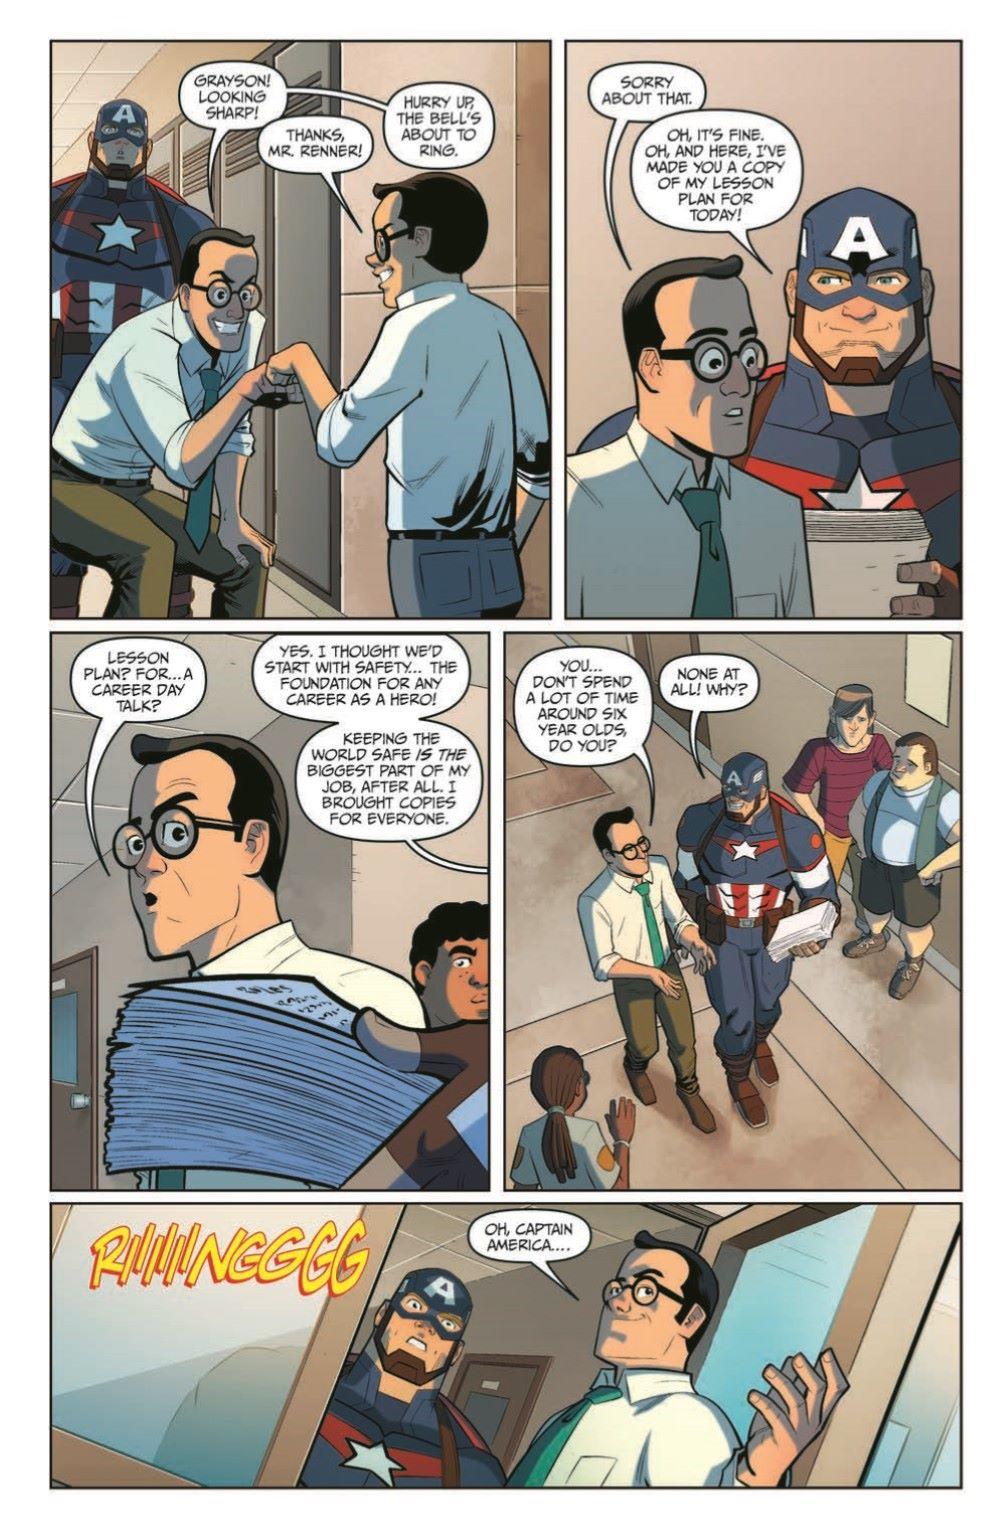 Marvel_Avengers_02_pr-5 ComicList Previews: MARVEL ACTION AVENGERS VOLUME 2 #2